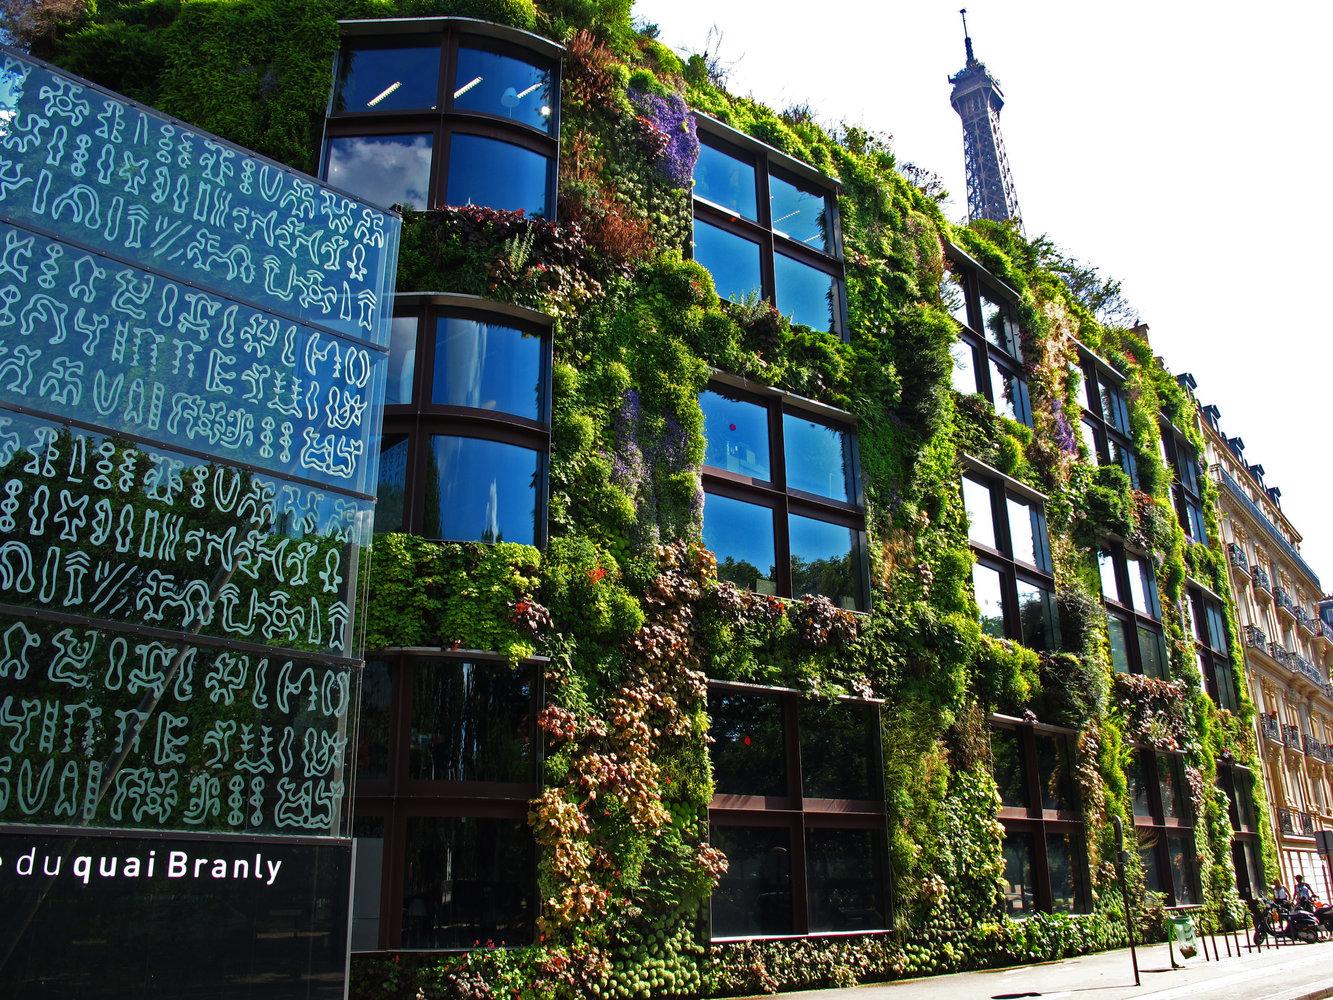 Musée du Quai Branly, Façade verre, Mur végétal, immeuble Hassmannien et Tour Eiffel, May 2012 | Courtesy of Patrick Blanc